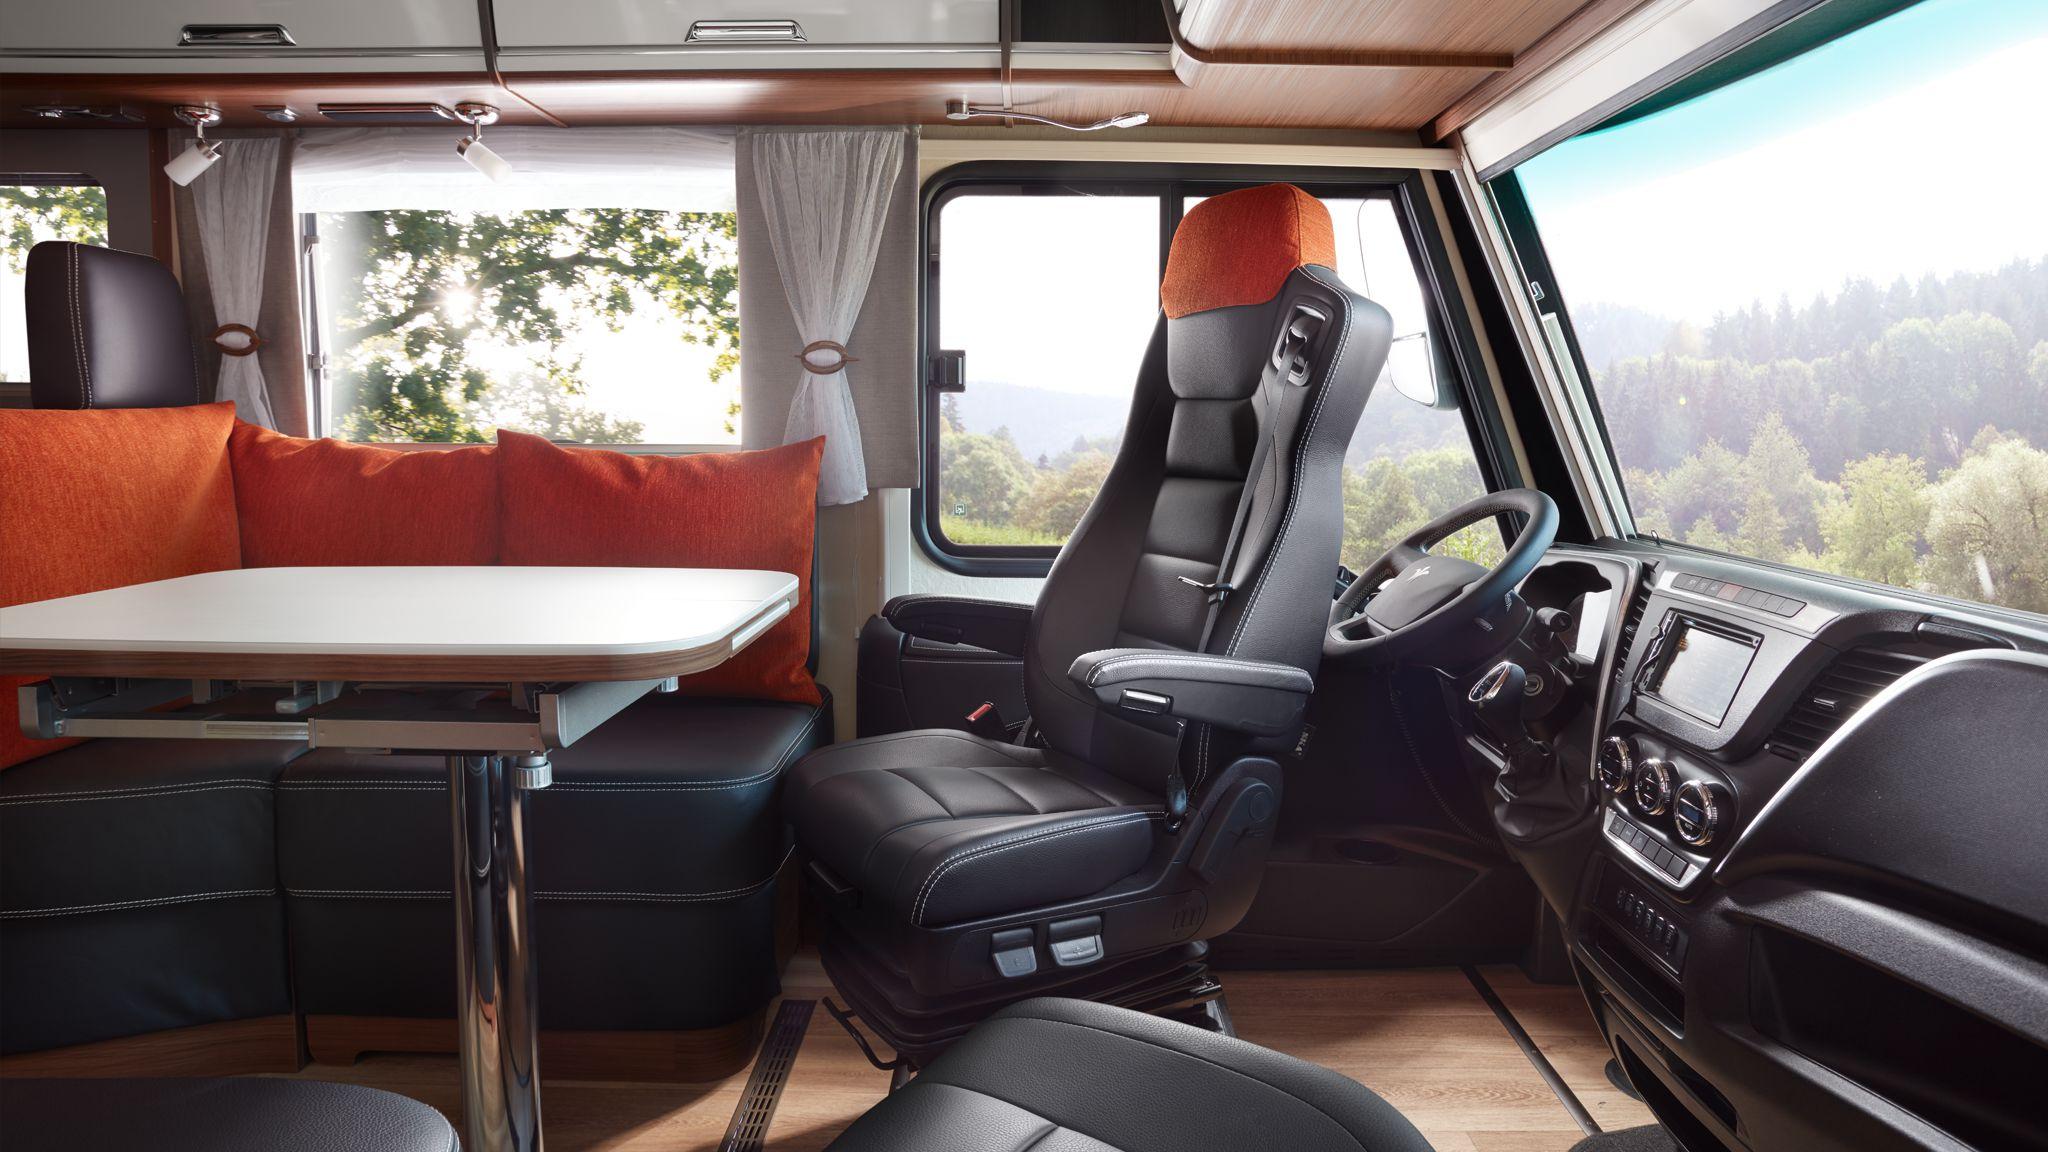 NIESMANN+BISCHOFF - Flair - Fahrersitz nach hinten gedreht